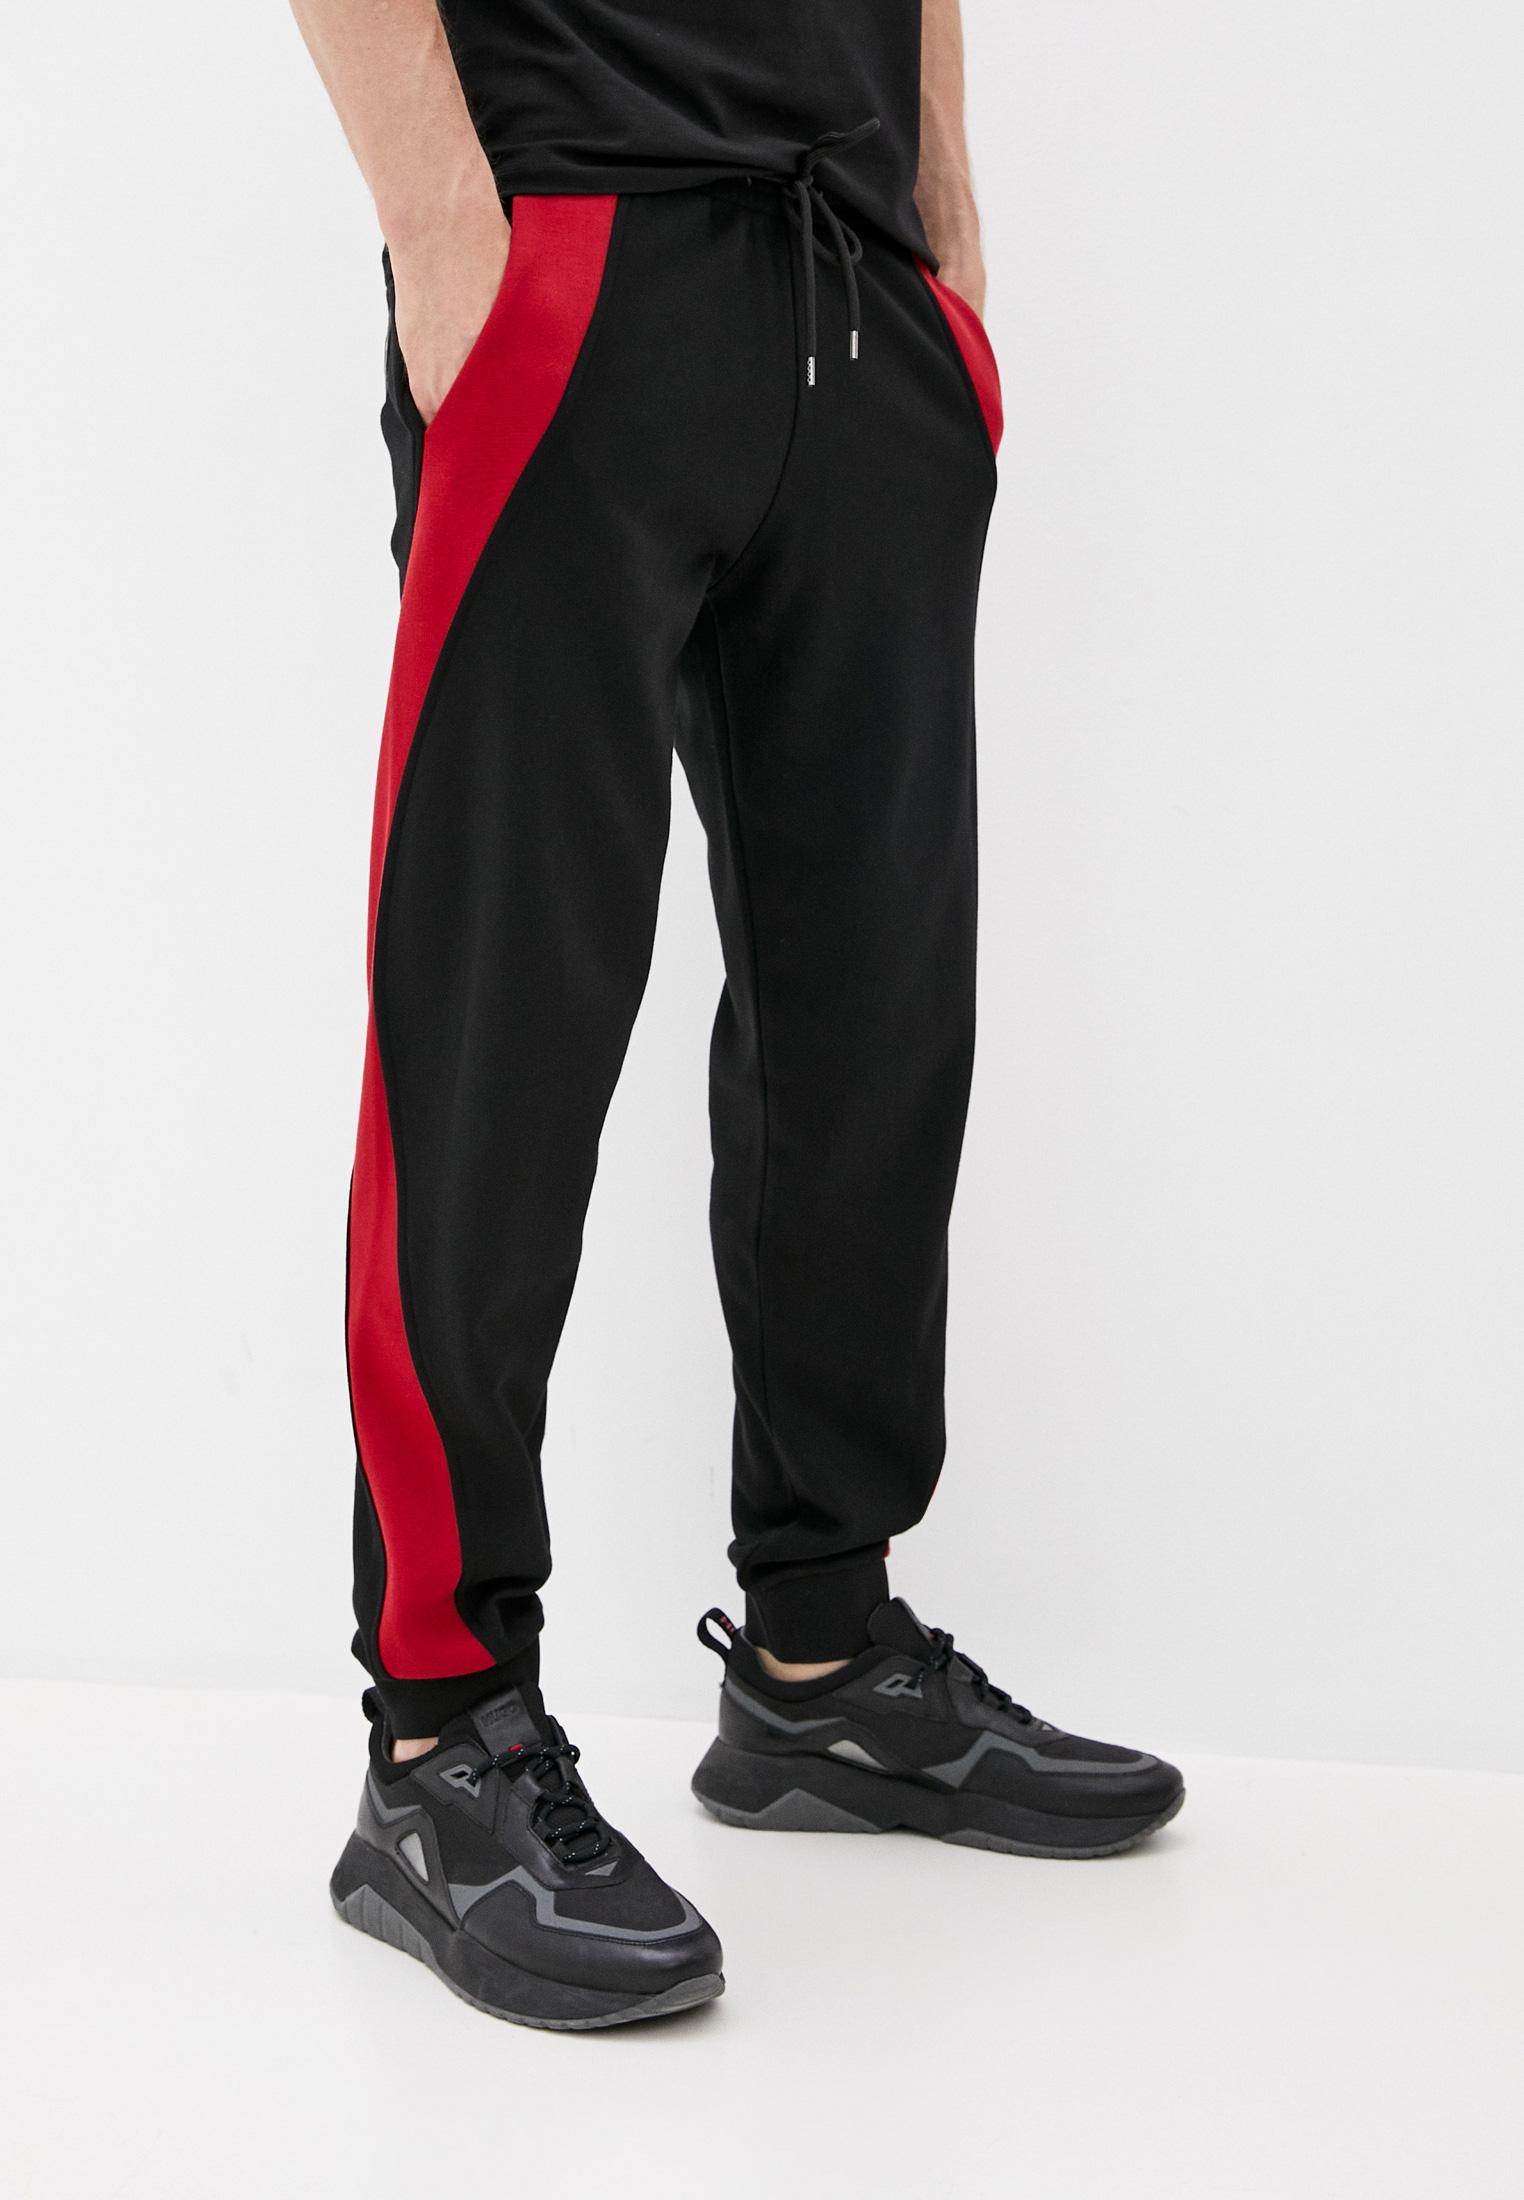 Мужские спортивные брюки Bikkembergs C 1 153 00 M 4225